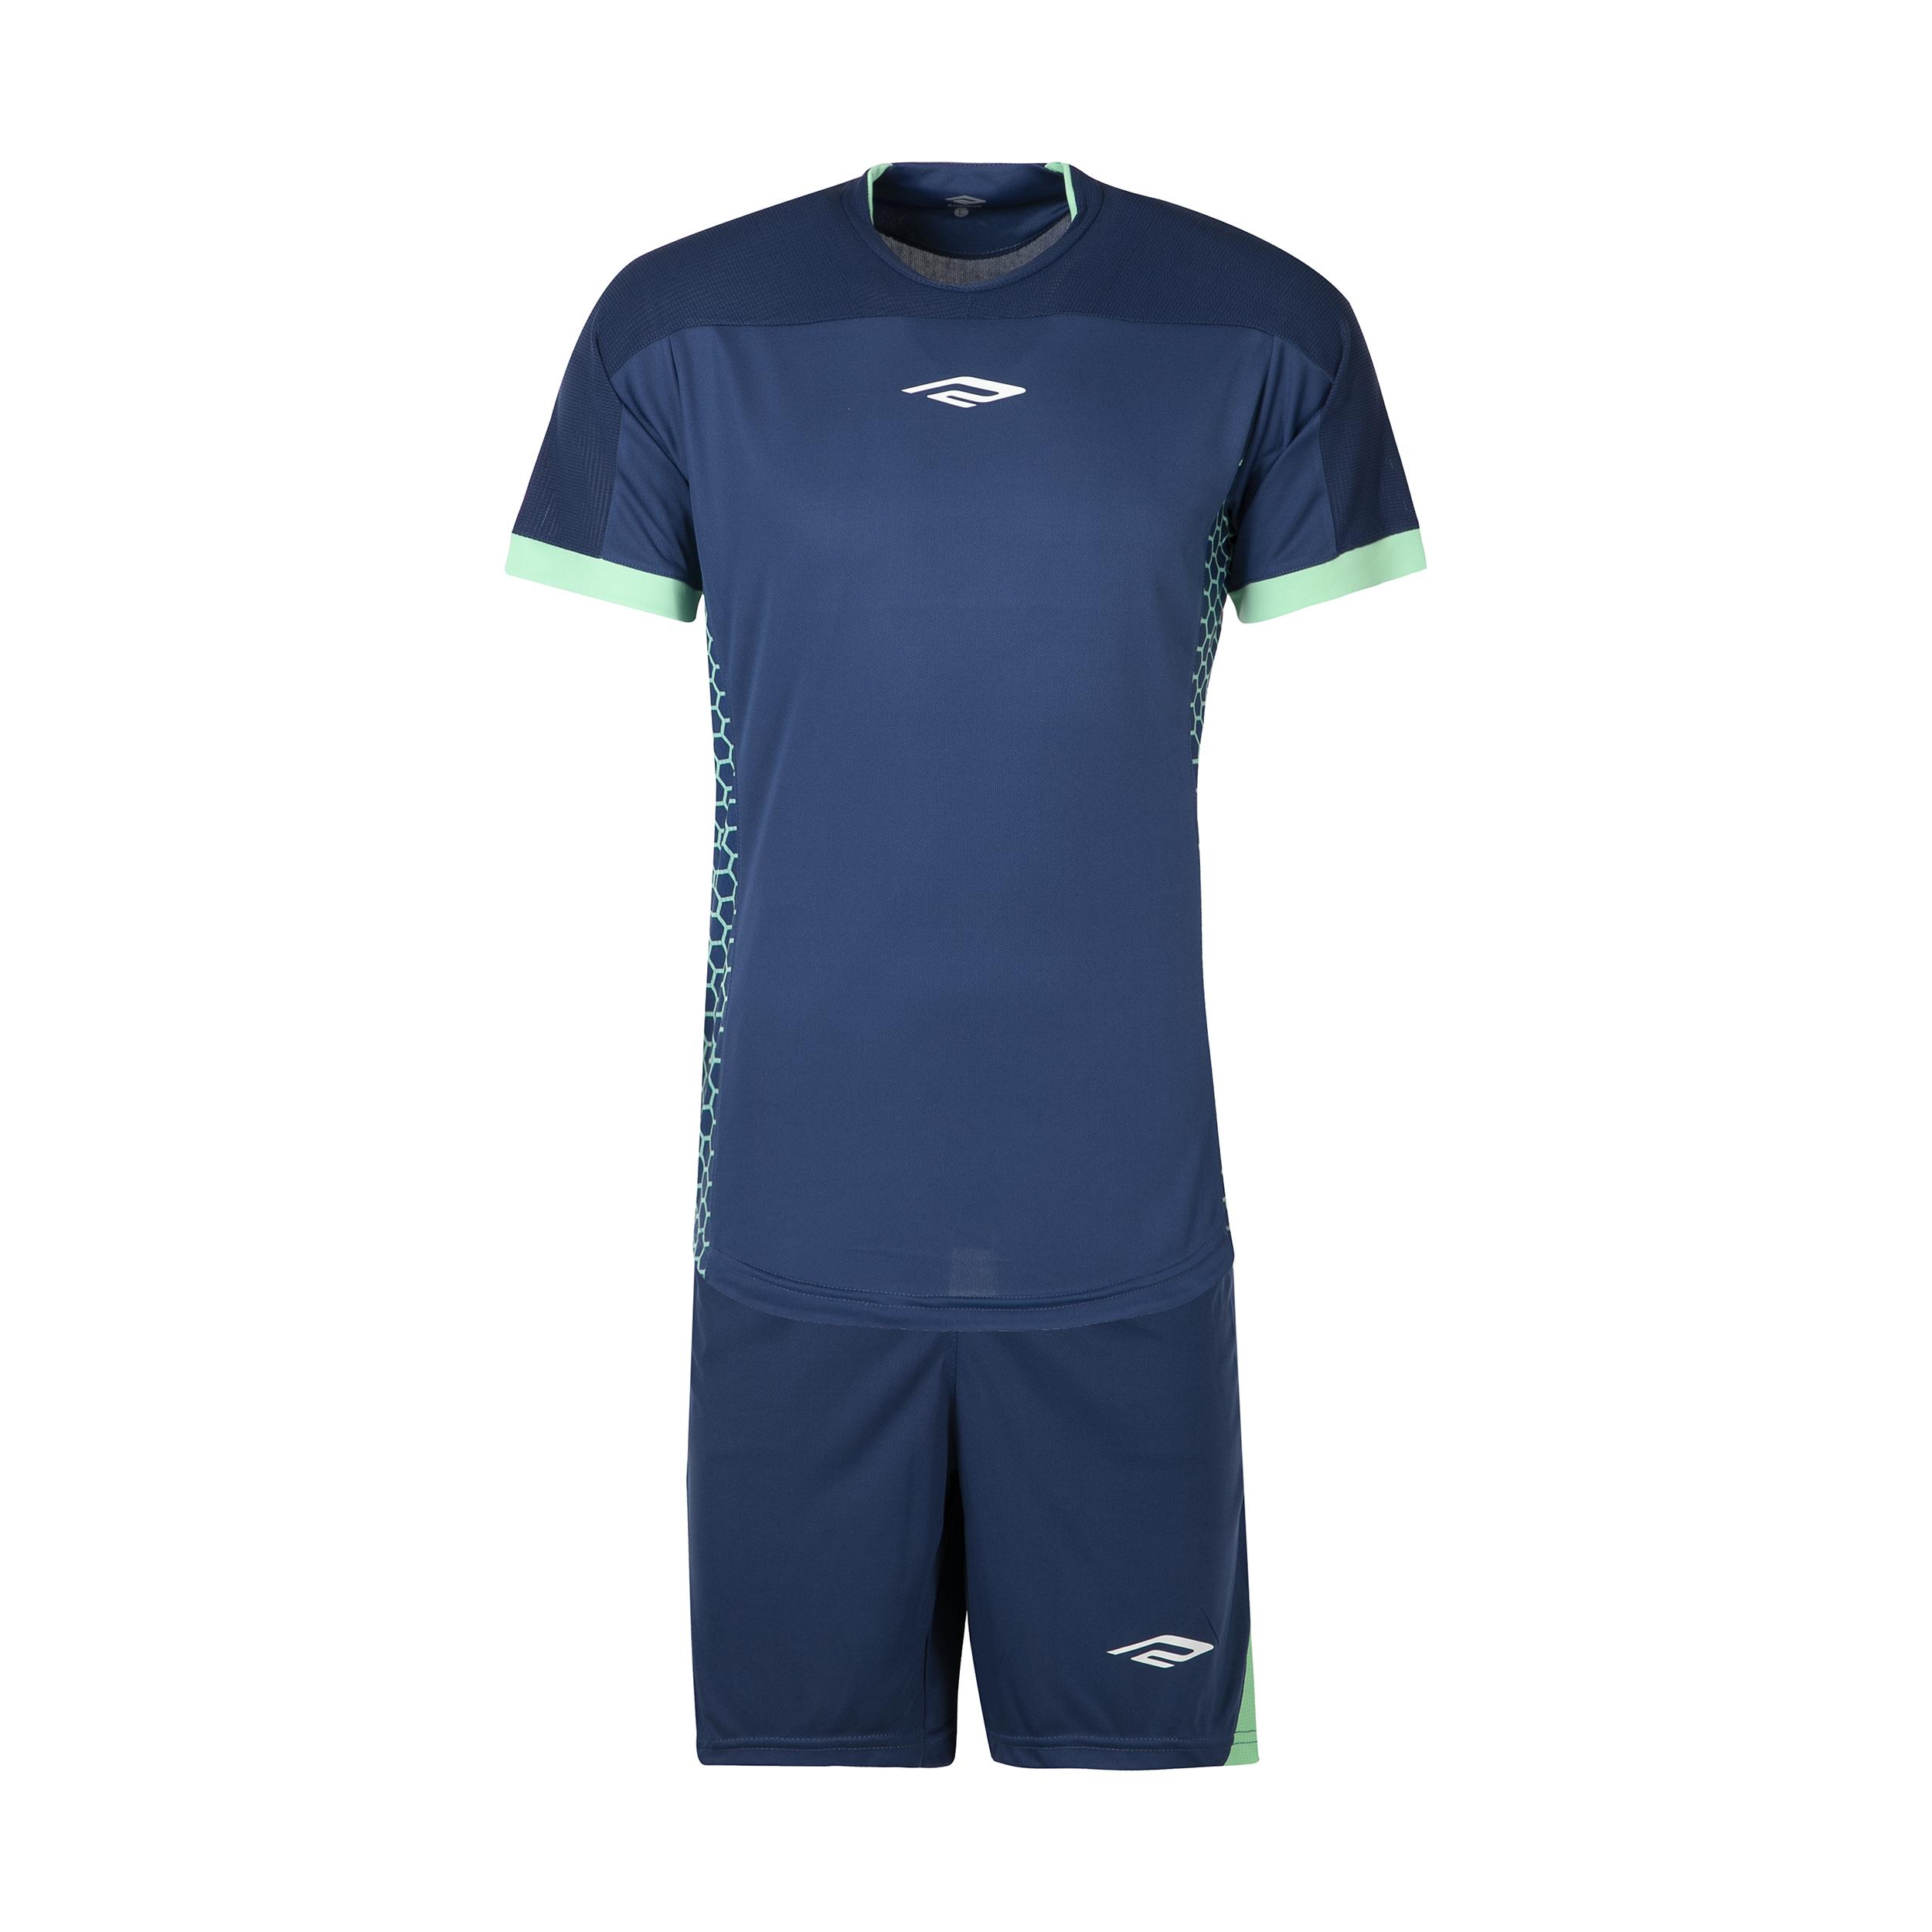 ست پیراهن و شورت ورزشی مردانه استارت مدل FC1002-4